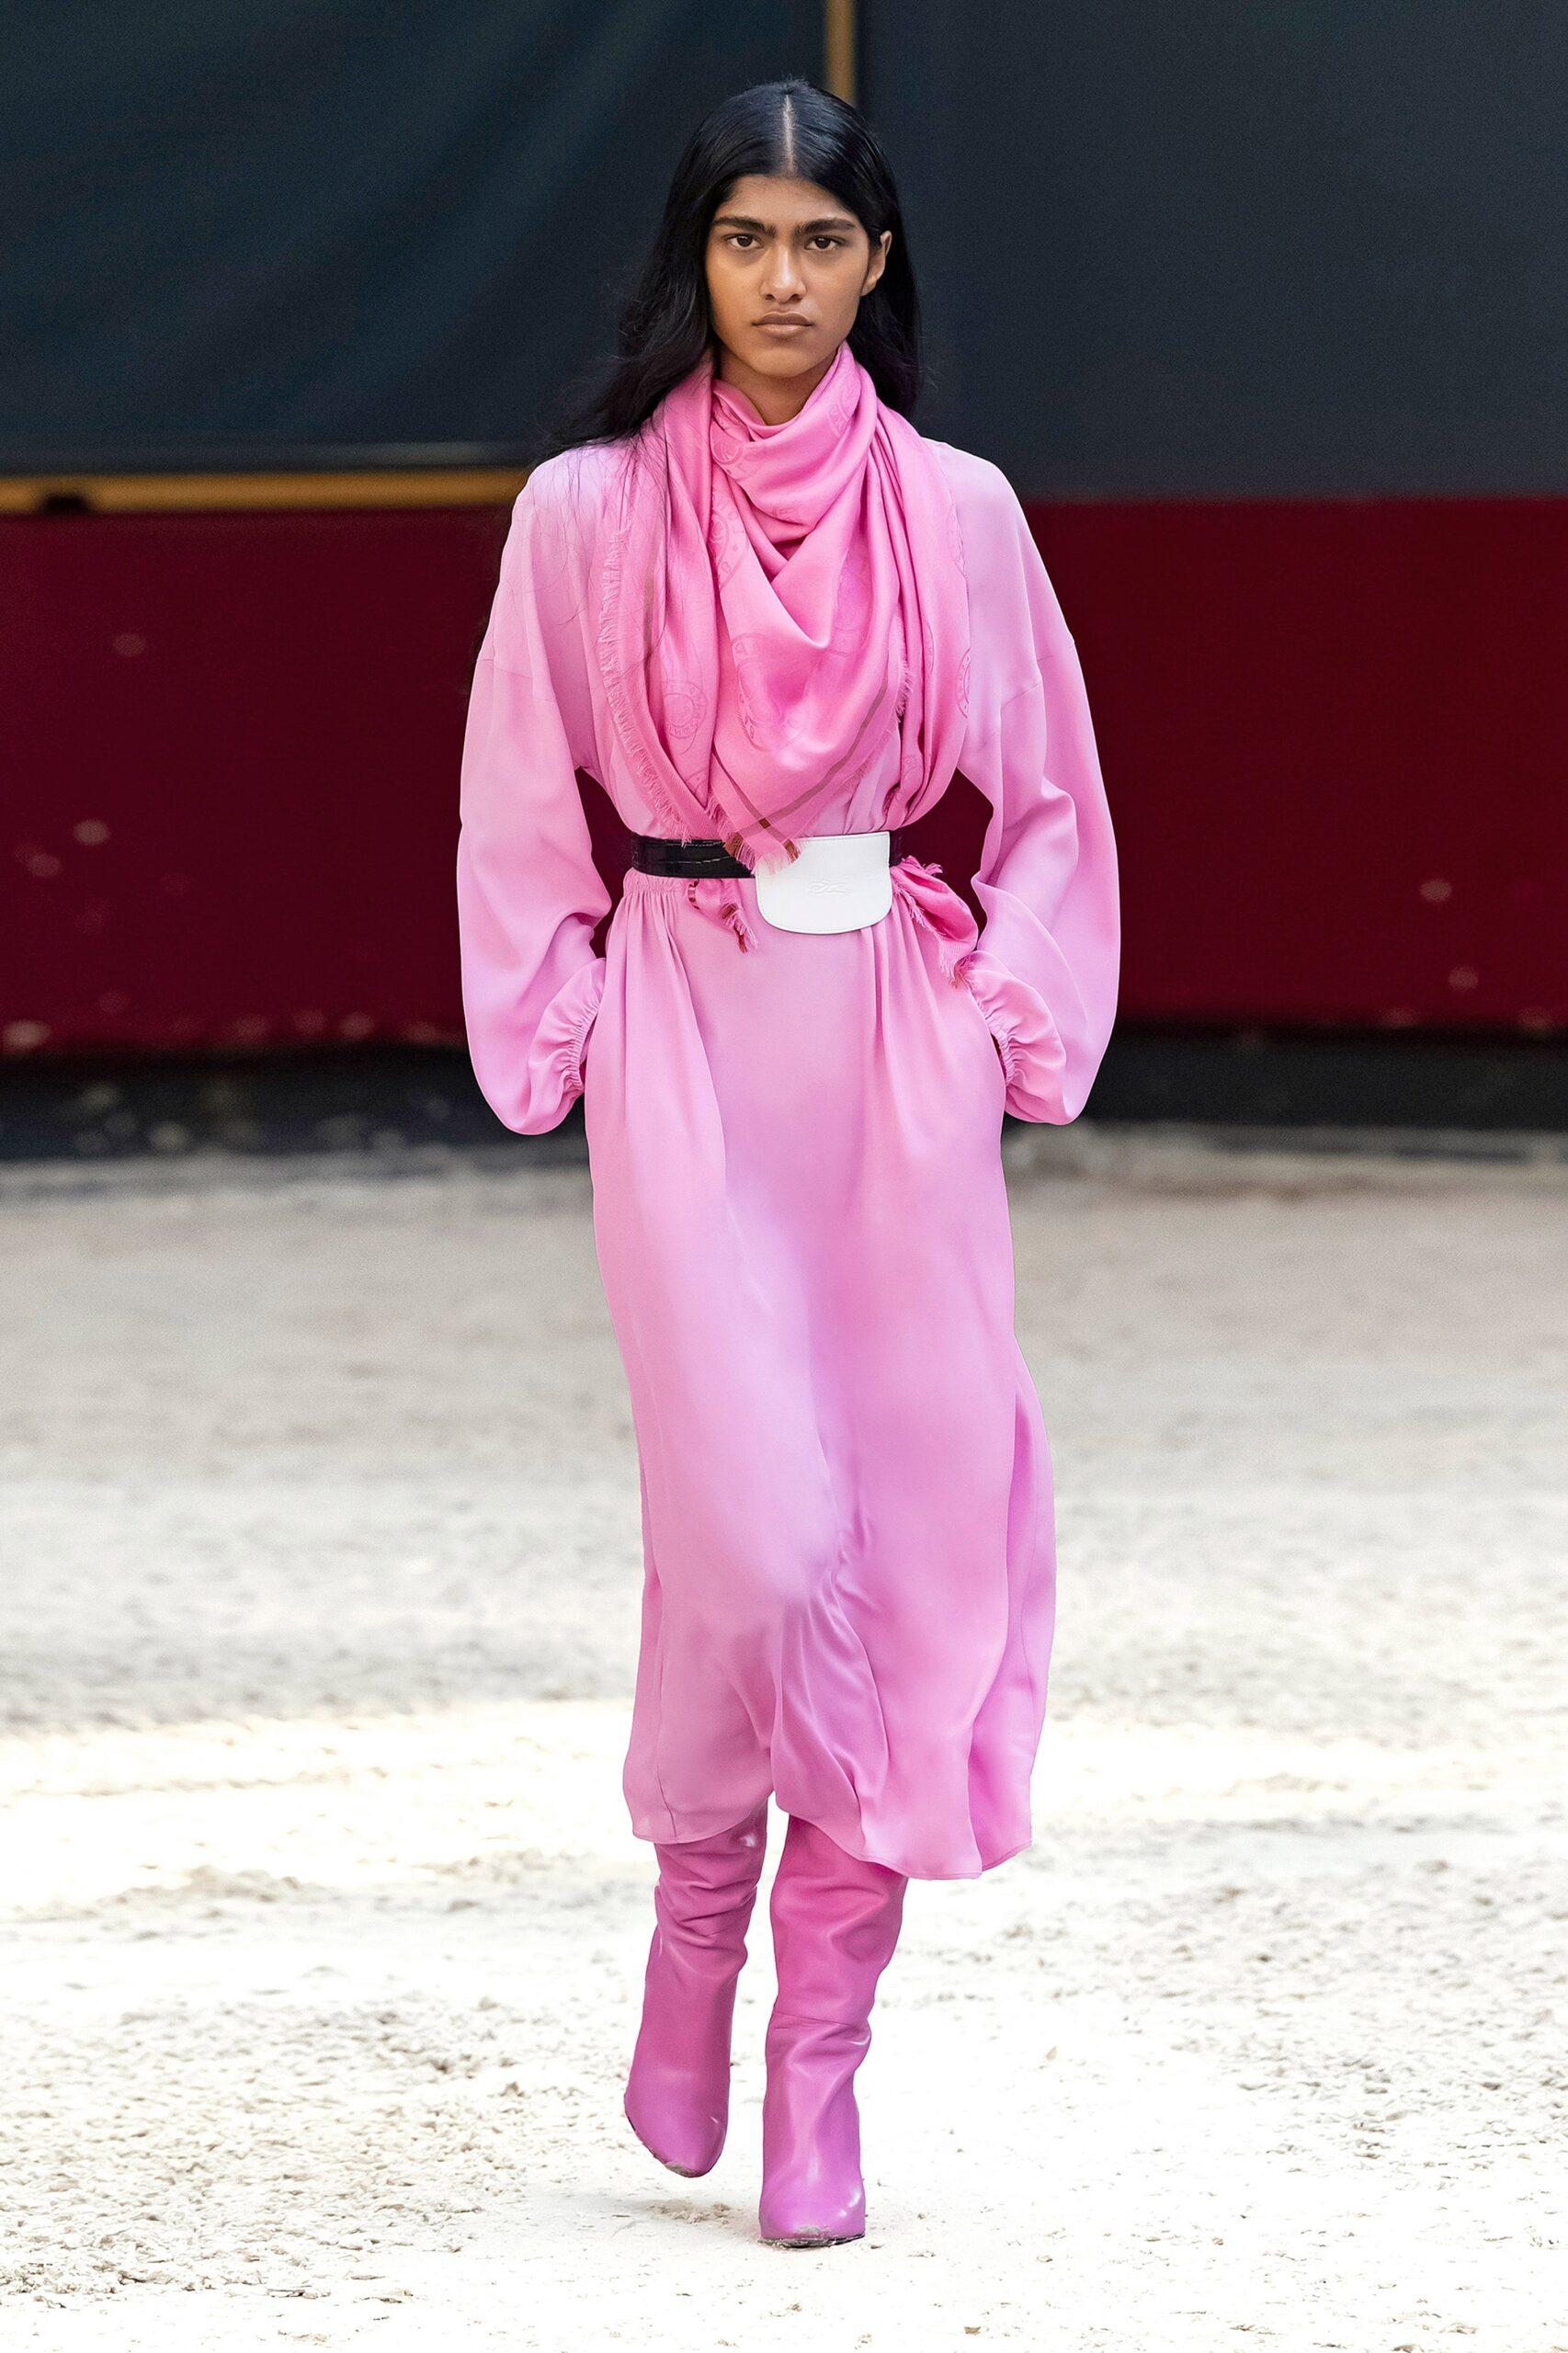 модные сапоги осень зима 2021 2022 широкие голение яркие розовые